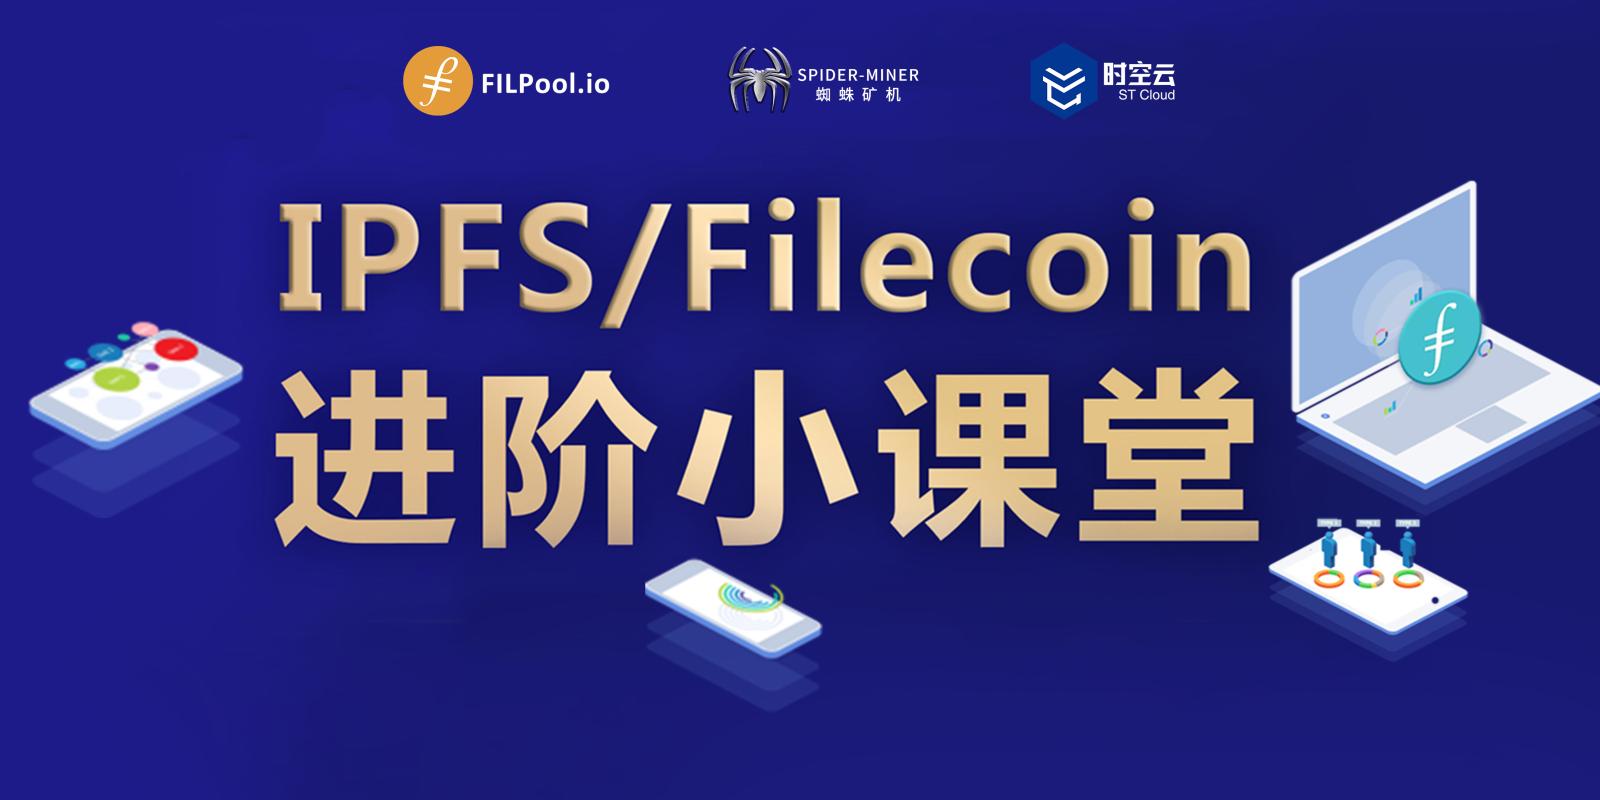 【IPFSCN】IPFS/Filecoin进阶小课堂